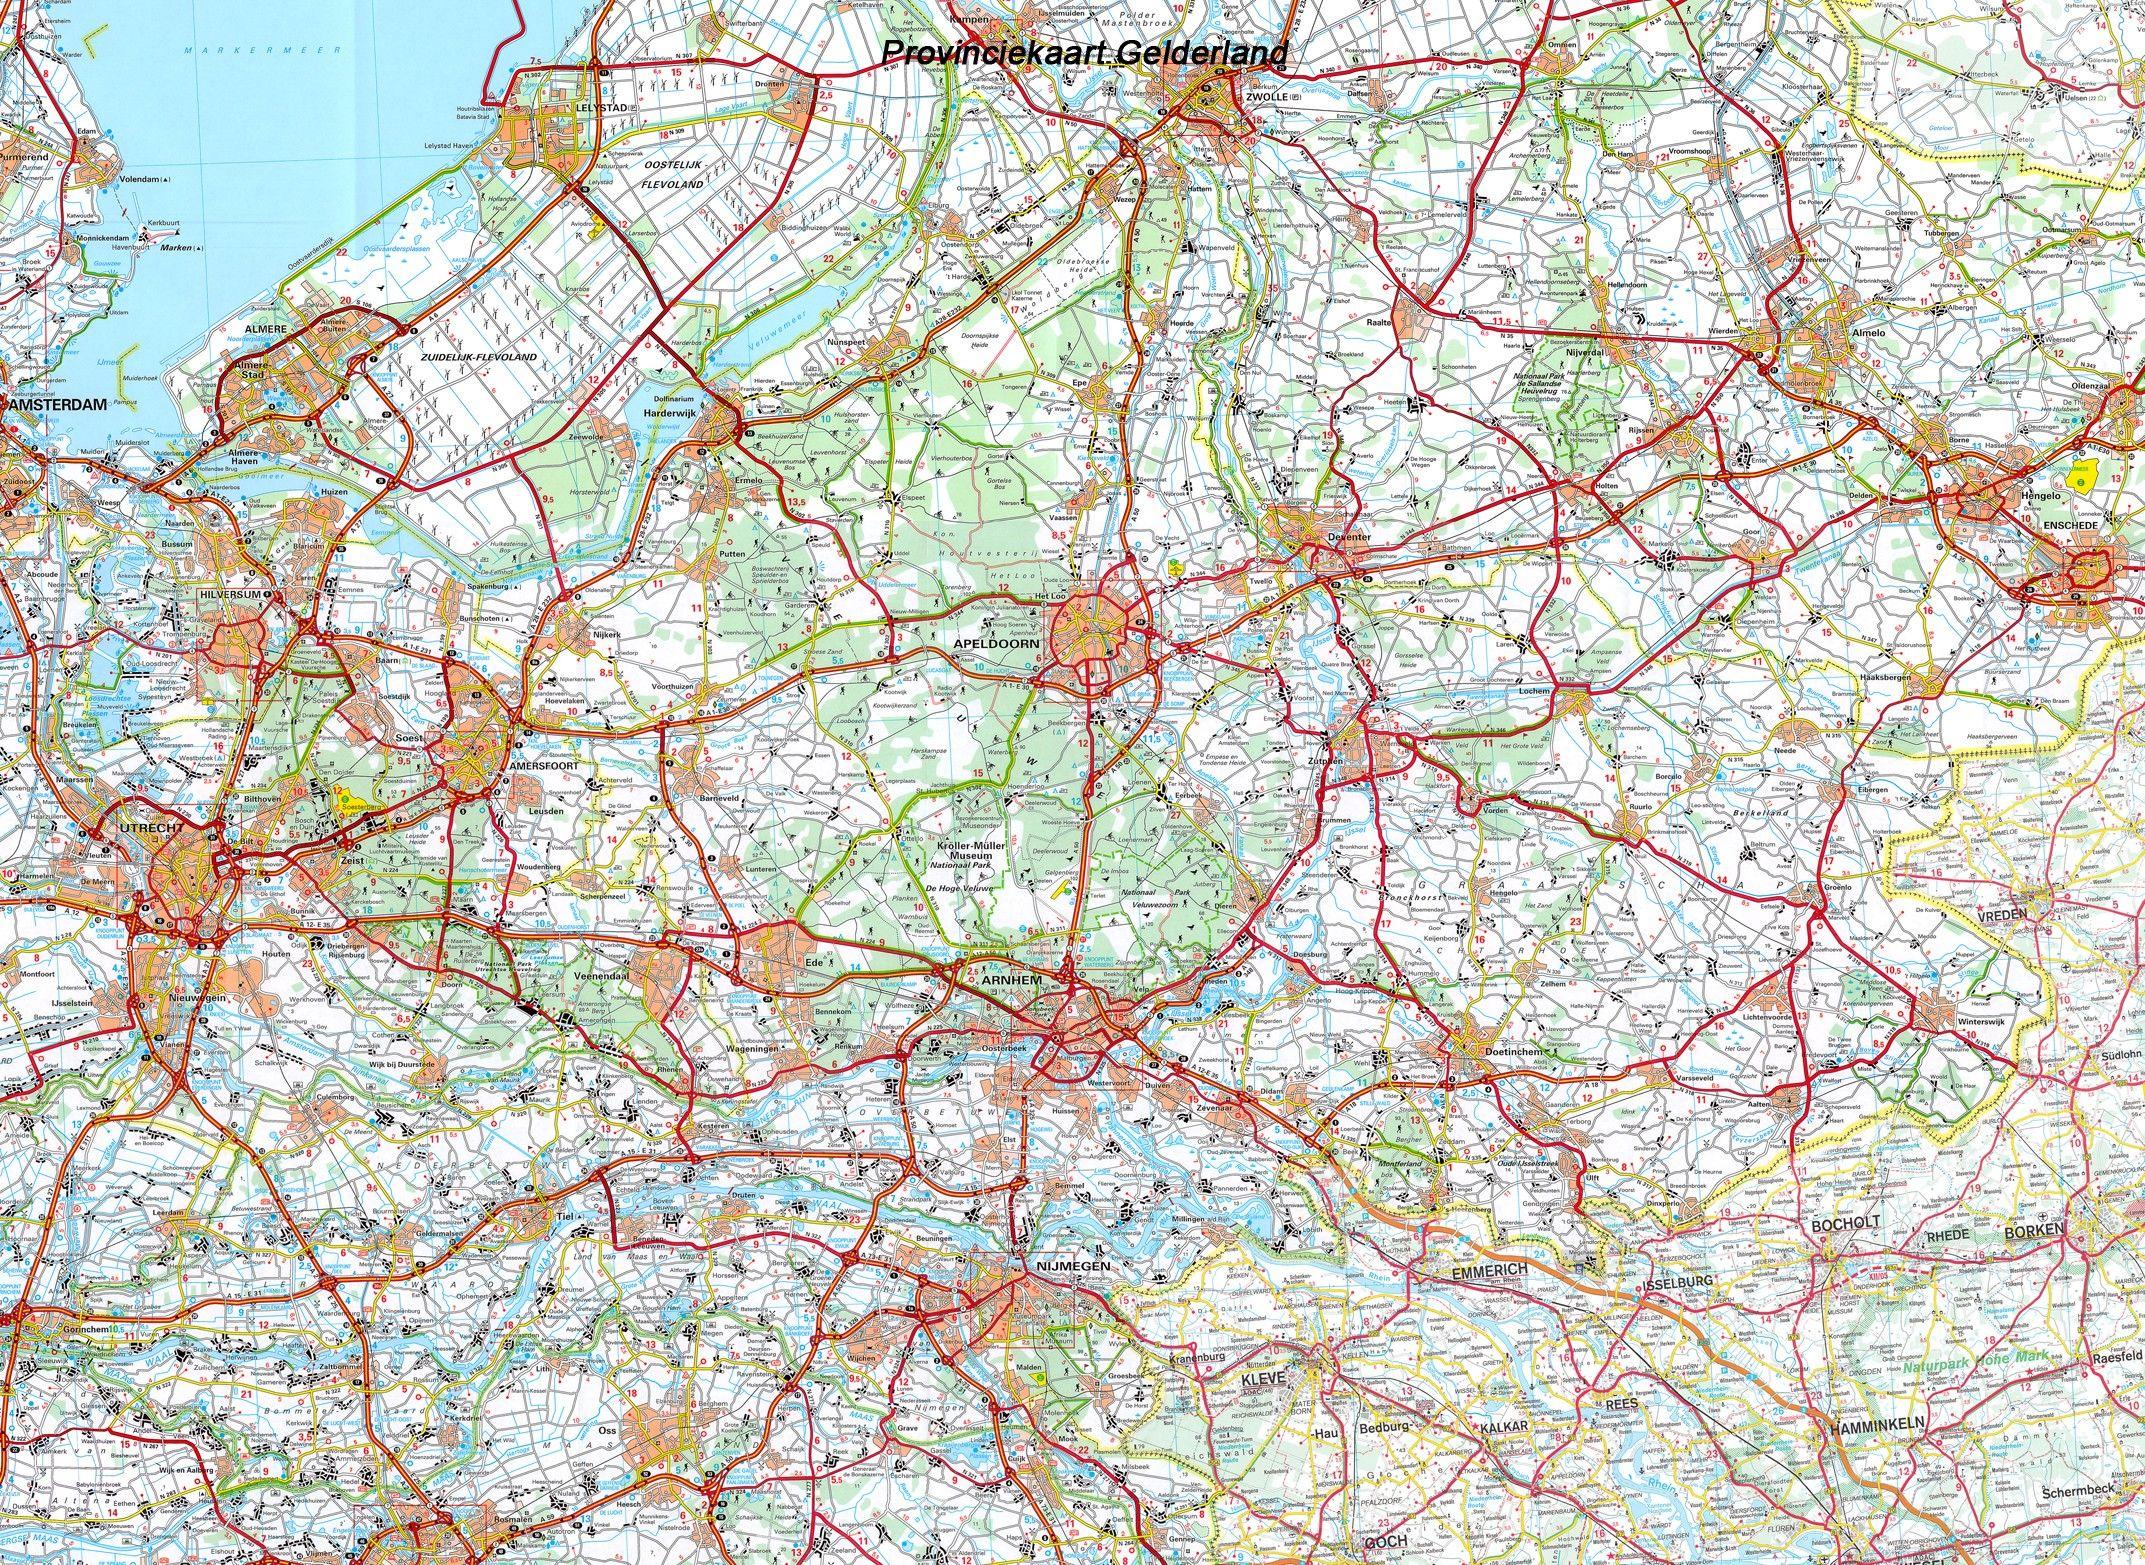 Provincie kaart Gelderland 1:100.000